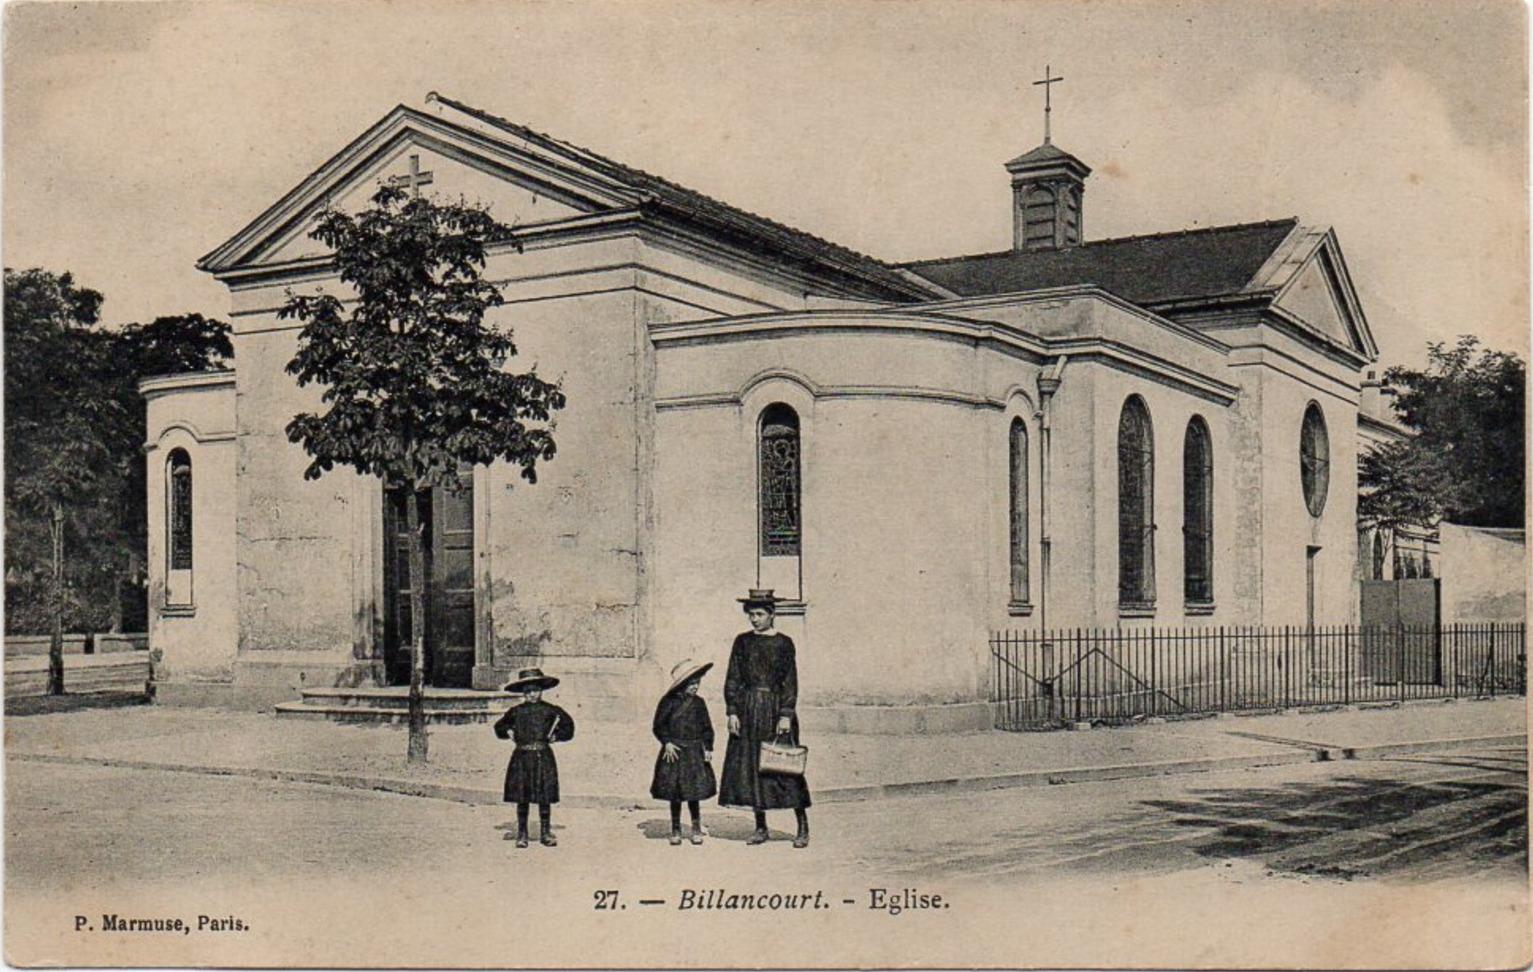 Eglise de l'Immaculée Conception. Place de l'église (Bir-Hakeim). Vers 1900.